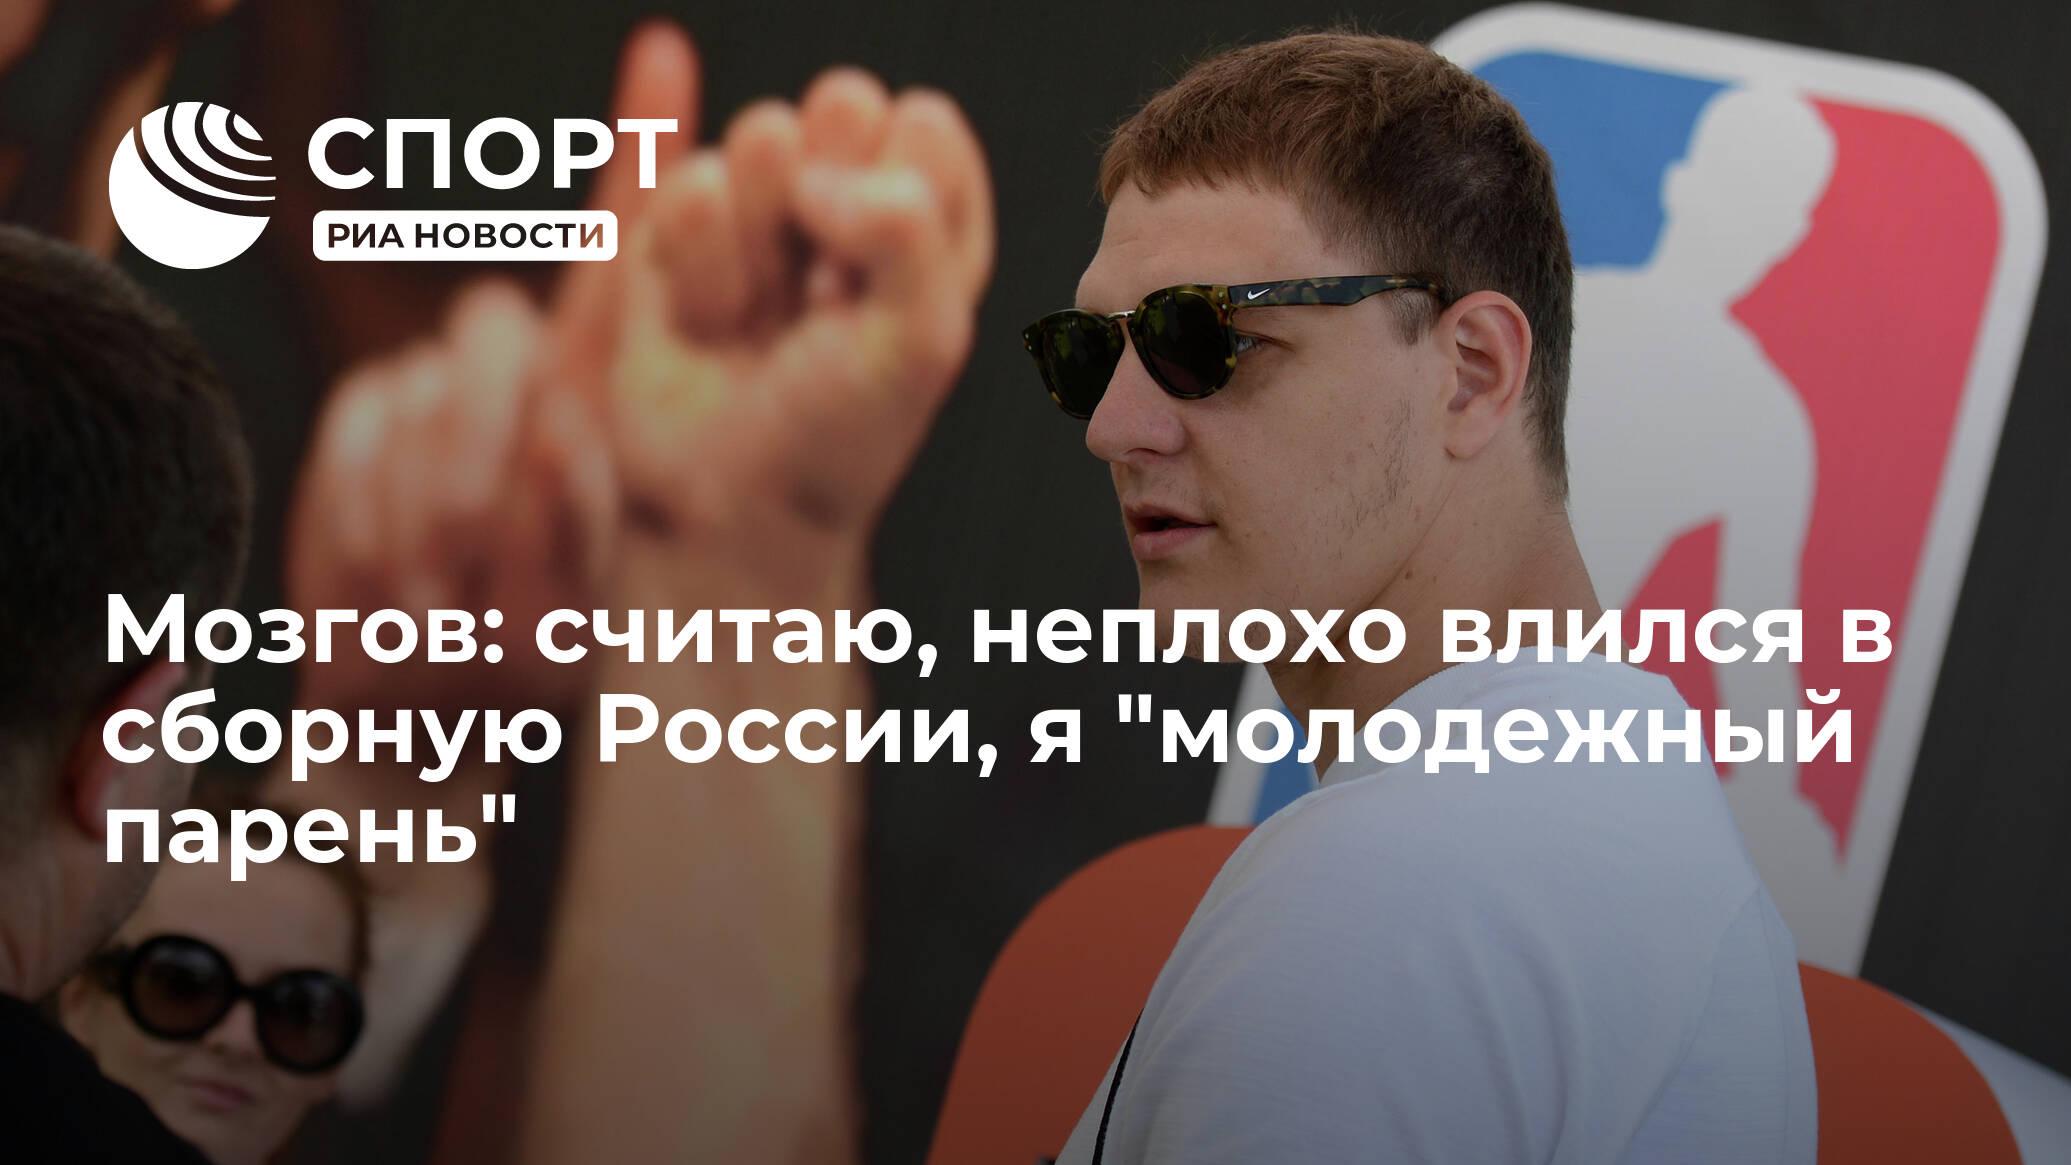 """Баскетболист Мозгов: считаю, неплохо влился в сборную России, я """"молодежный парень"""""""